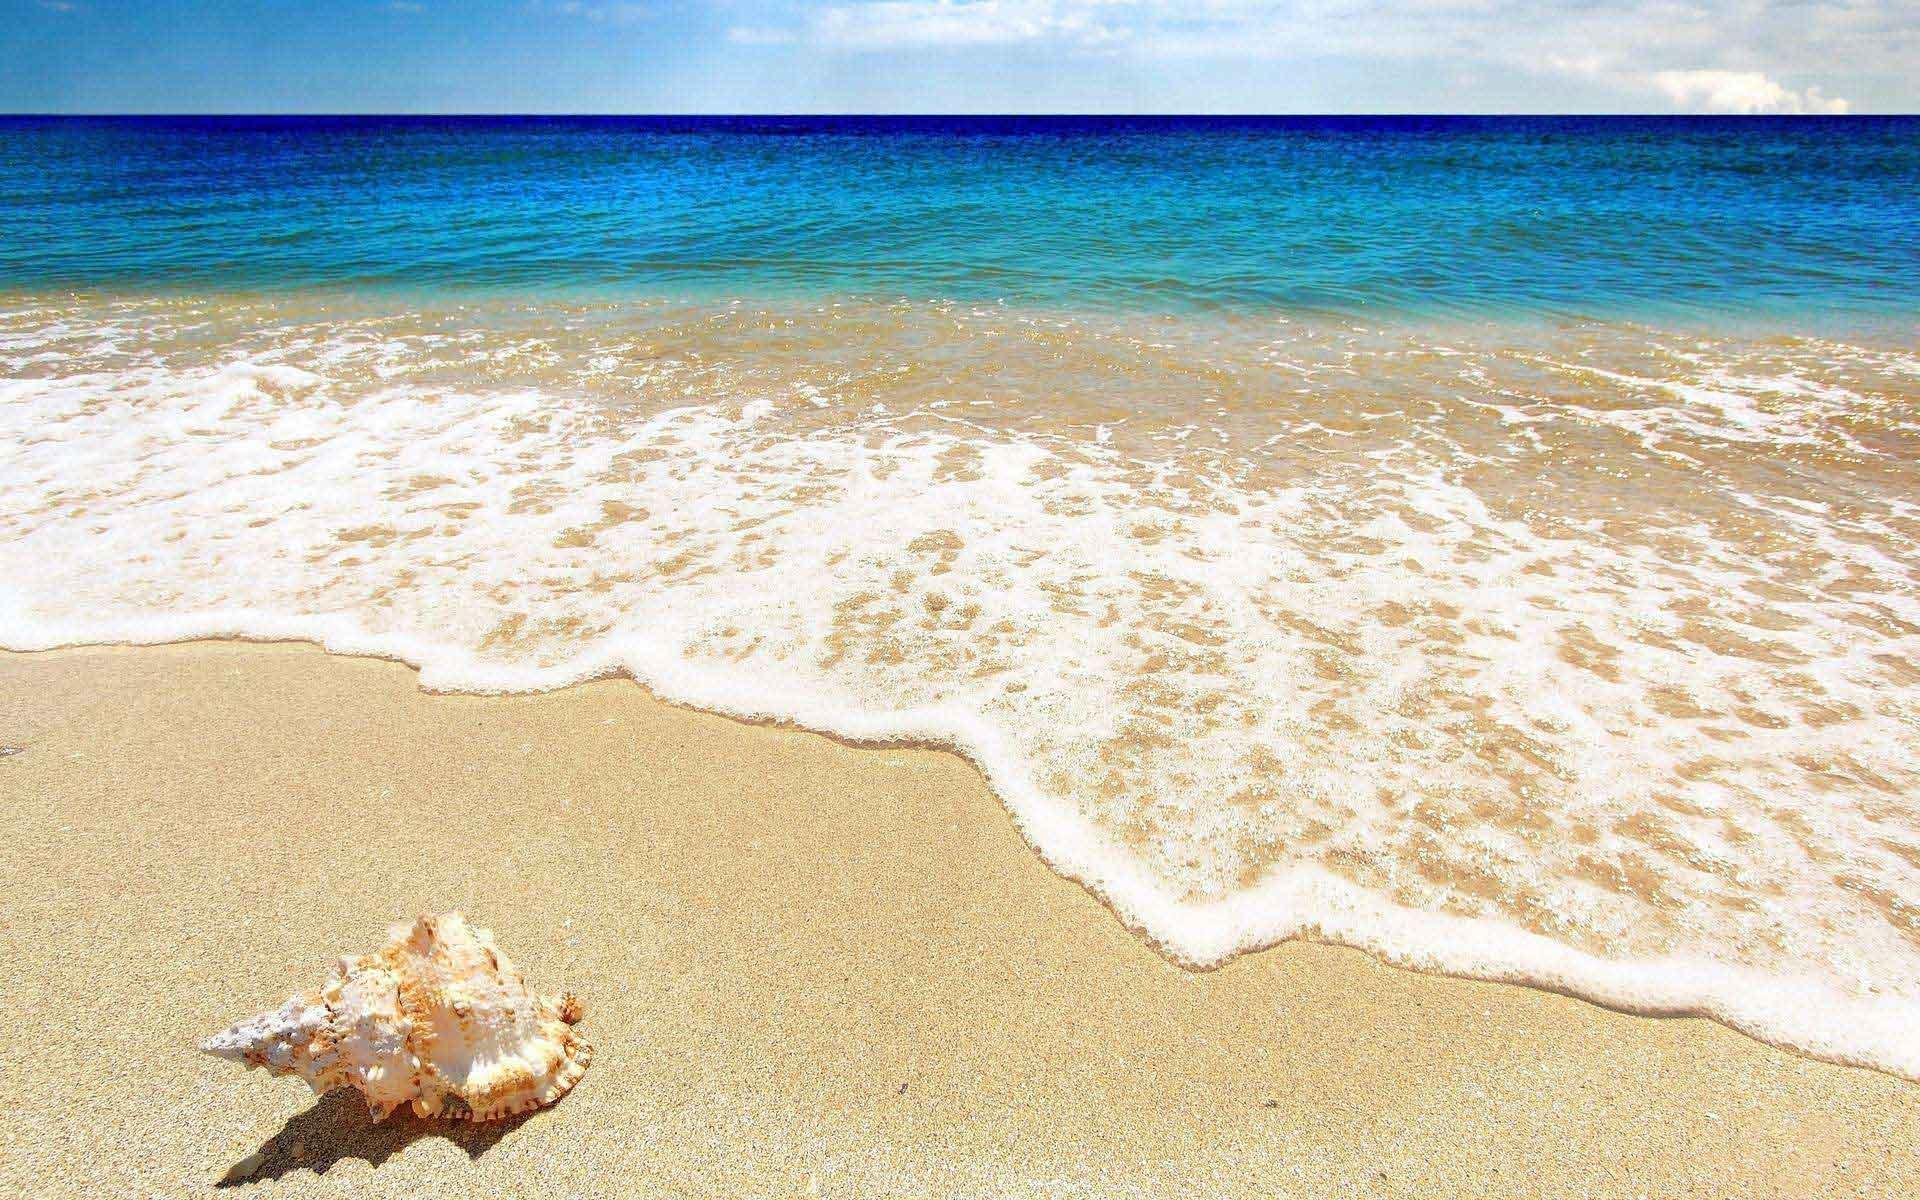 2019余下的360天,我在等一个人陪我去看海